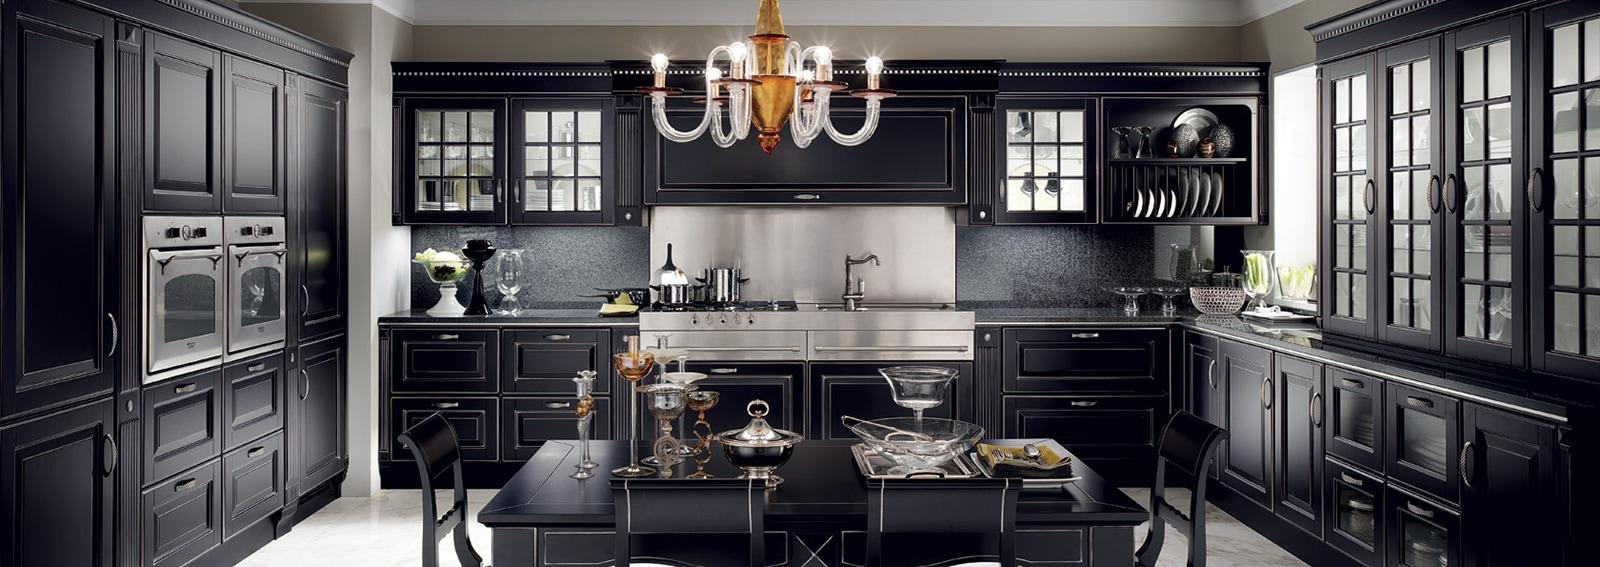 Scavolini le cucine classiche pi belle grazia - Cucine classiche scavolini ...